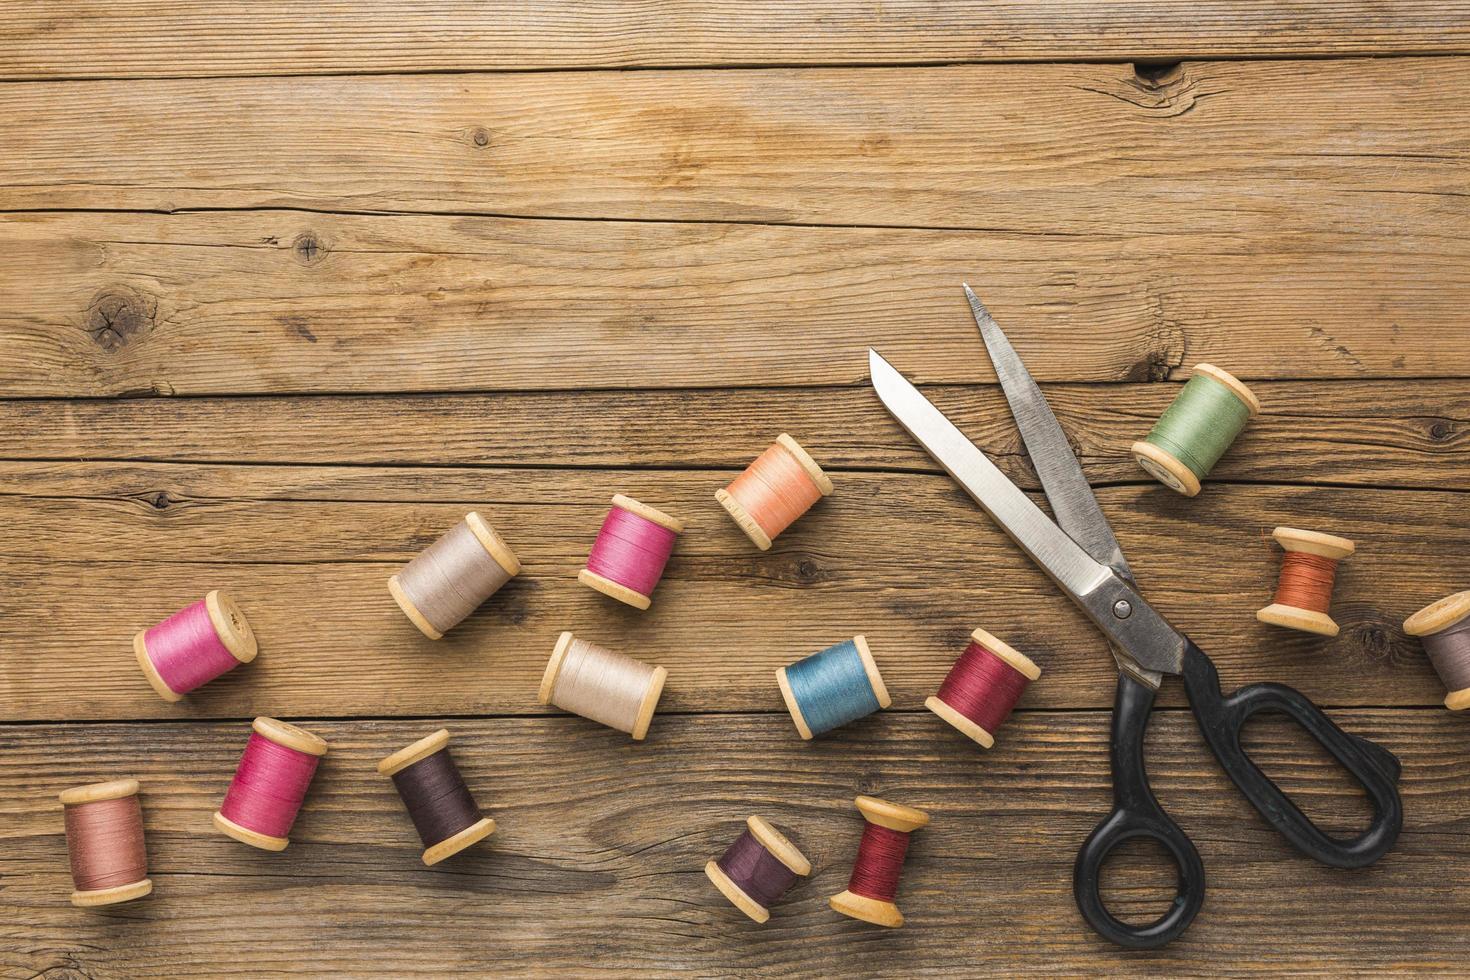 fil et ciseaux sur une table photo